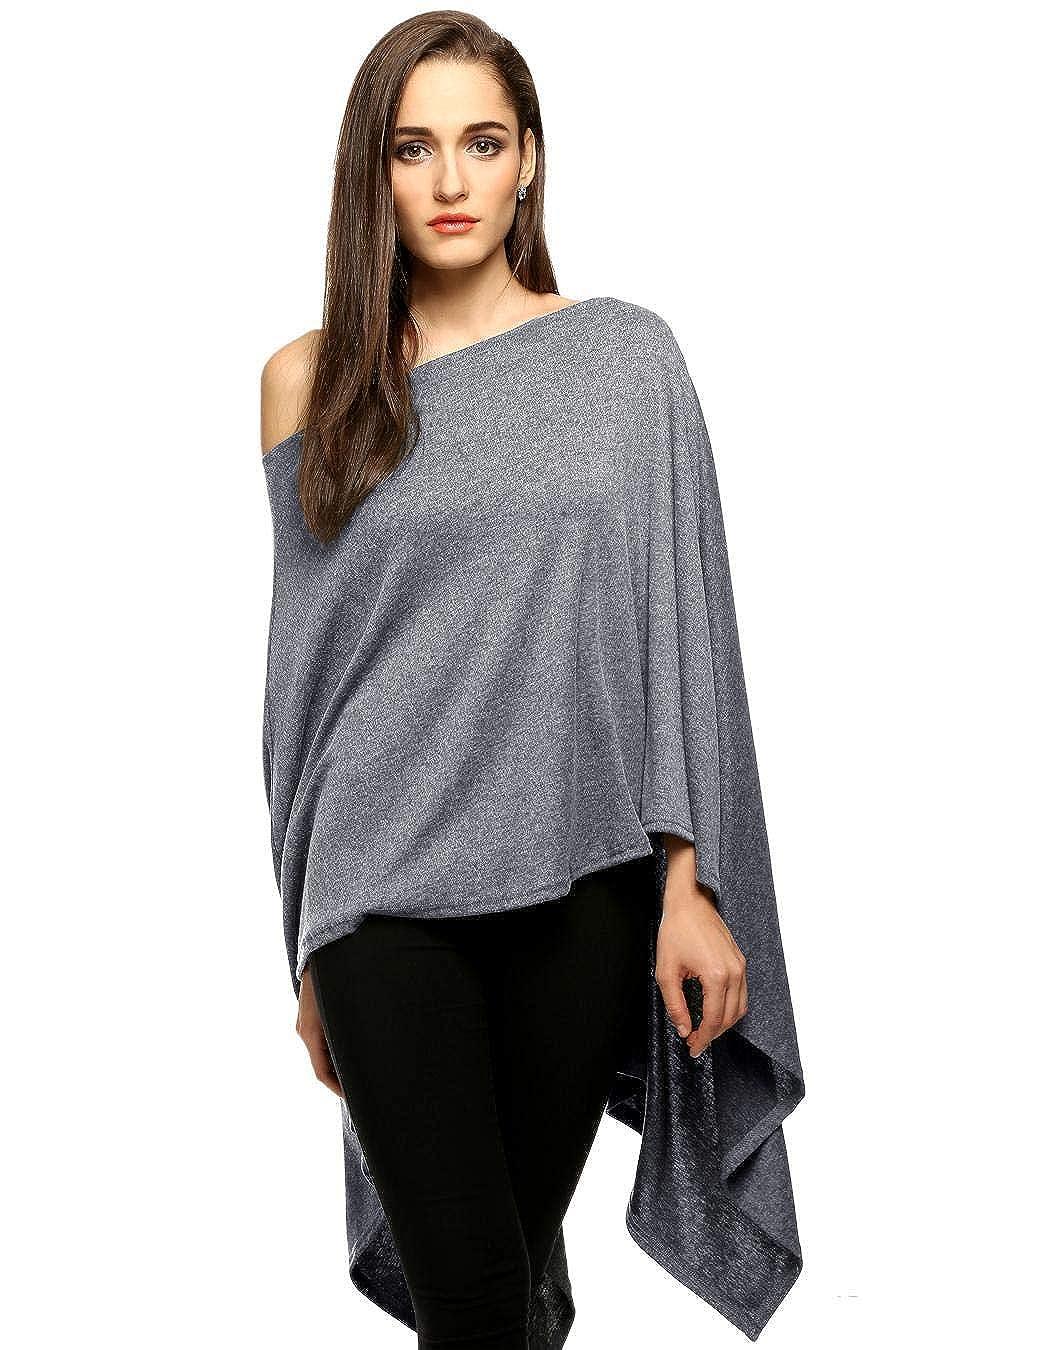 Pudrew Frauen Mode Slash Neck Lange asymmetrische Saum Wraps Poncho Cape Coat Pullover